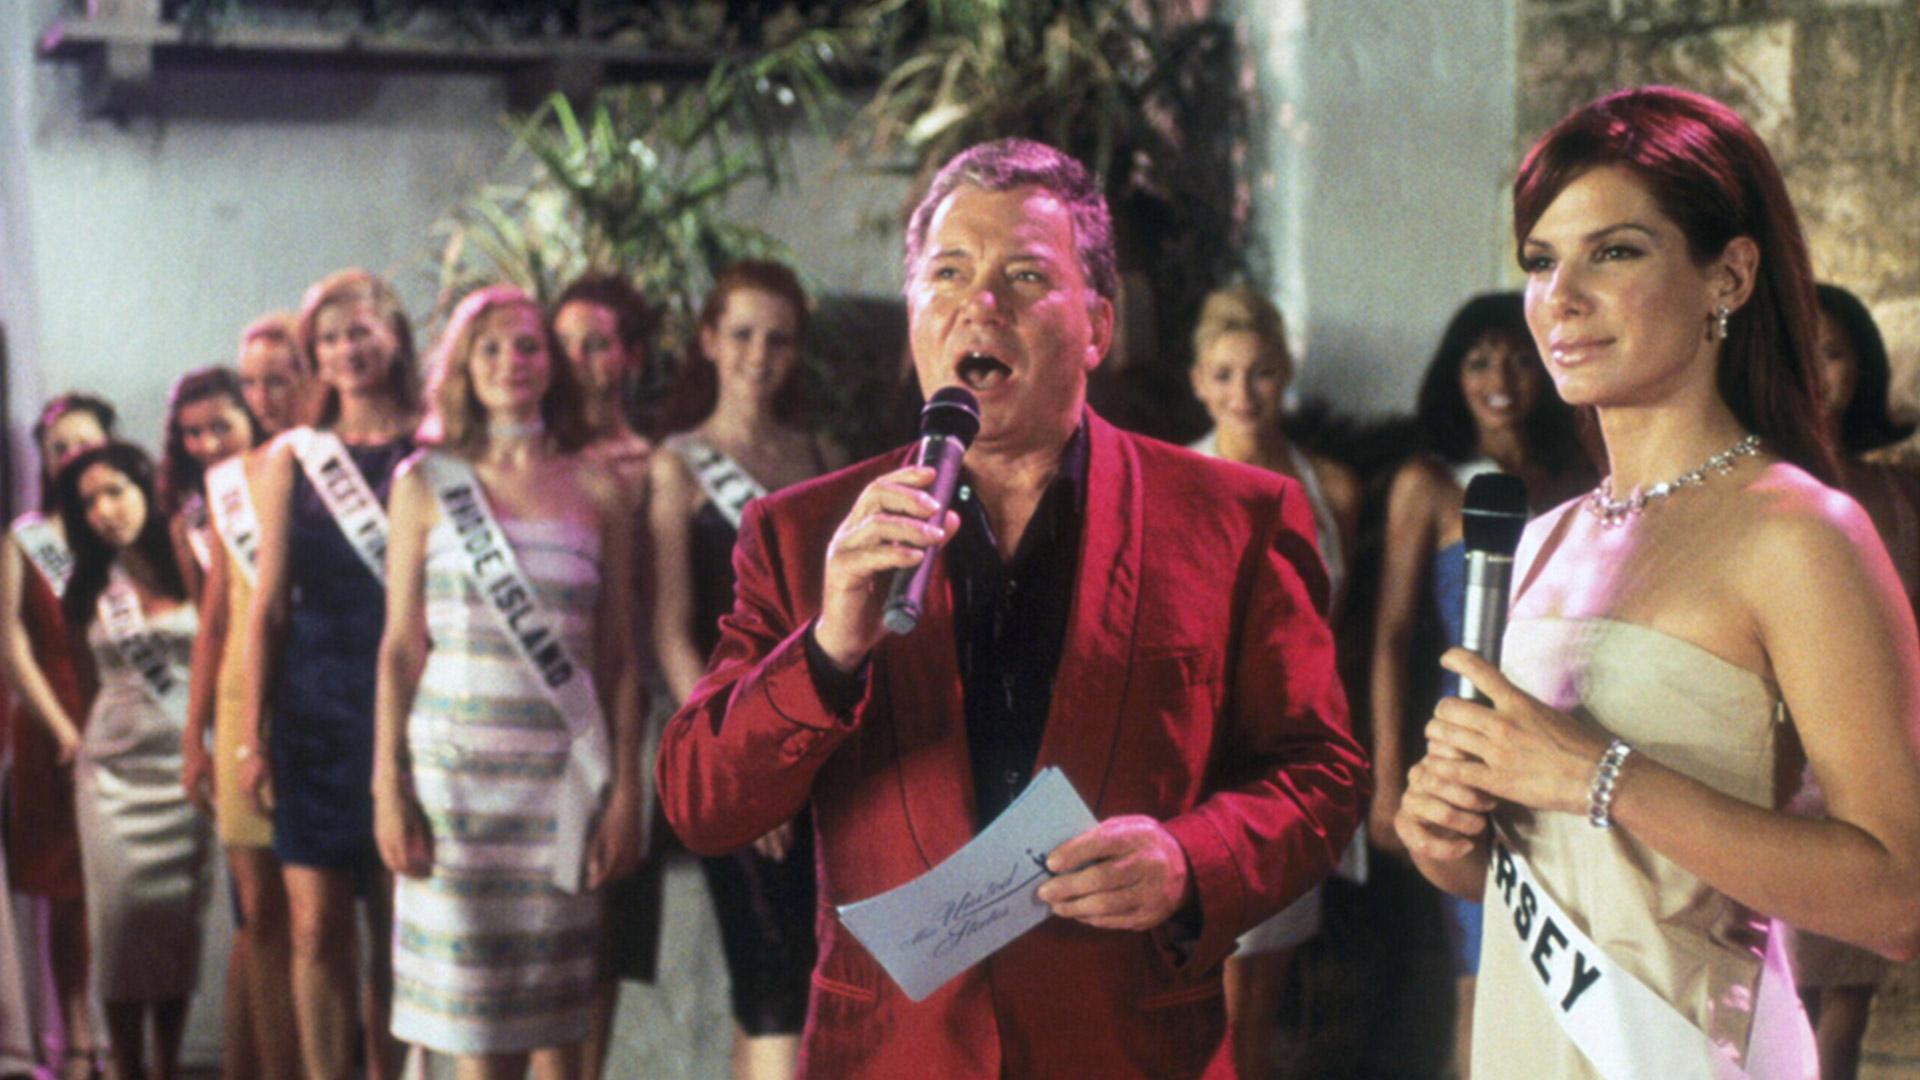 Cena do filme Miss Simpatia. Na imagem vemos a atriz Sandra Bullock e o ator William Shatner. A mulher veste um vestido longo bege brilhante e usa uma faixa escrito New Jersey e um colar. Ela segura um microfone e olha para o horizonte. Ao seu lado, William Shatner, um homem branco idoso veste um paletó vinho e uma camisa social preta. Ele segura um microfone e um papel. Atrás deles, há várias mulheres usando vestidos longos de festa.